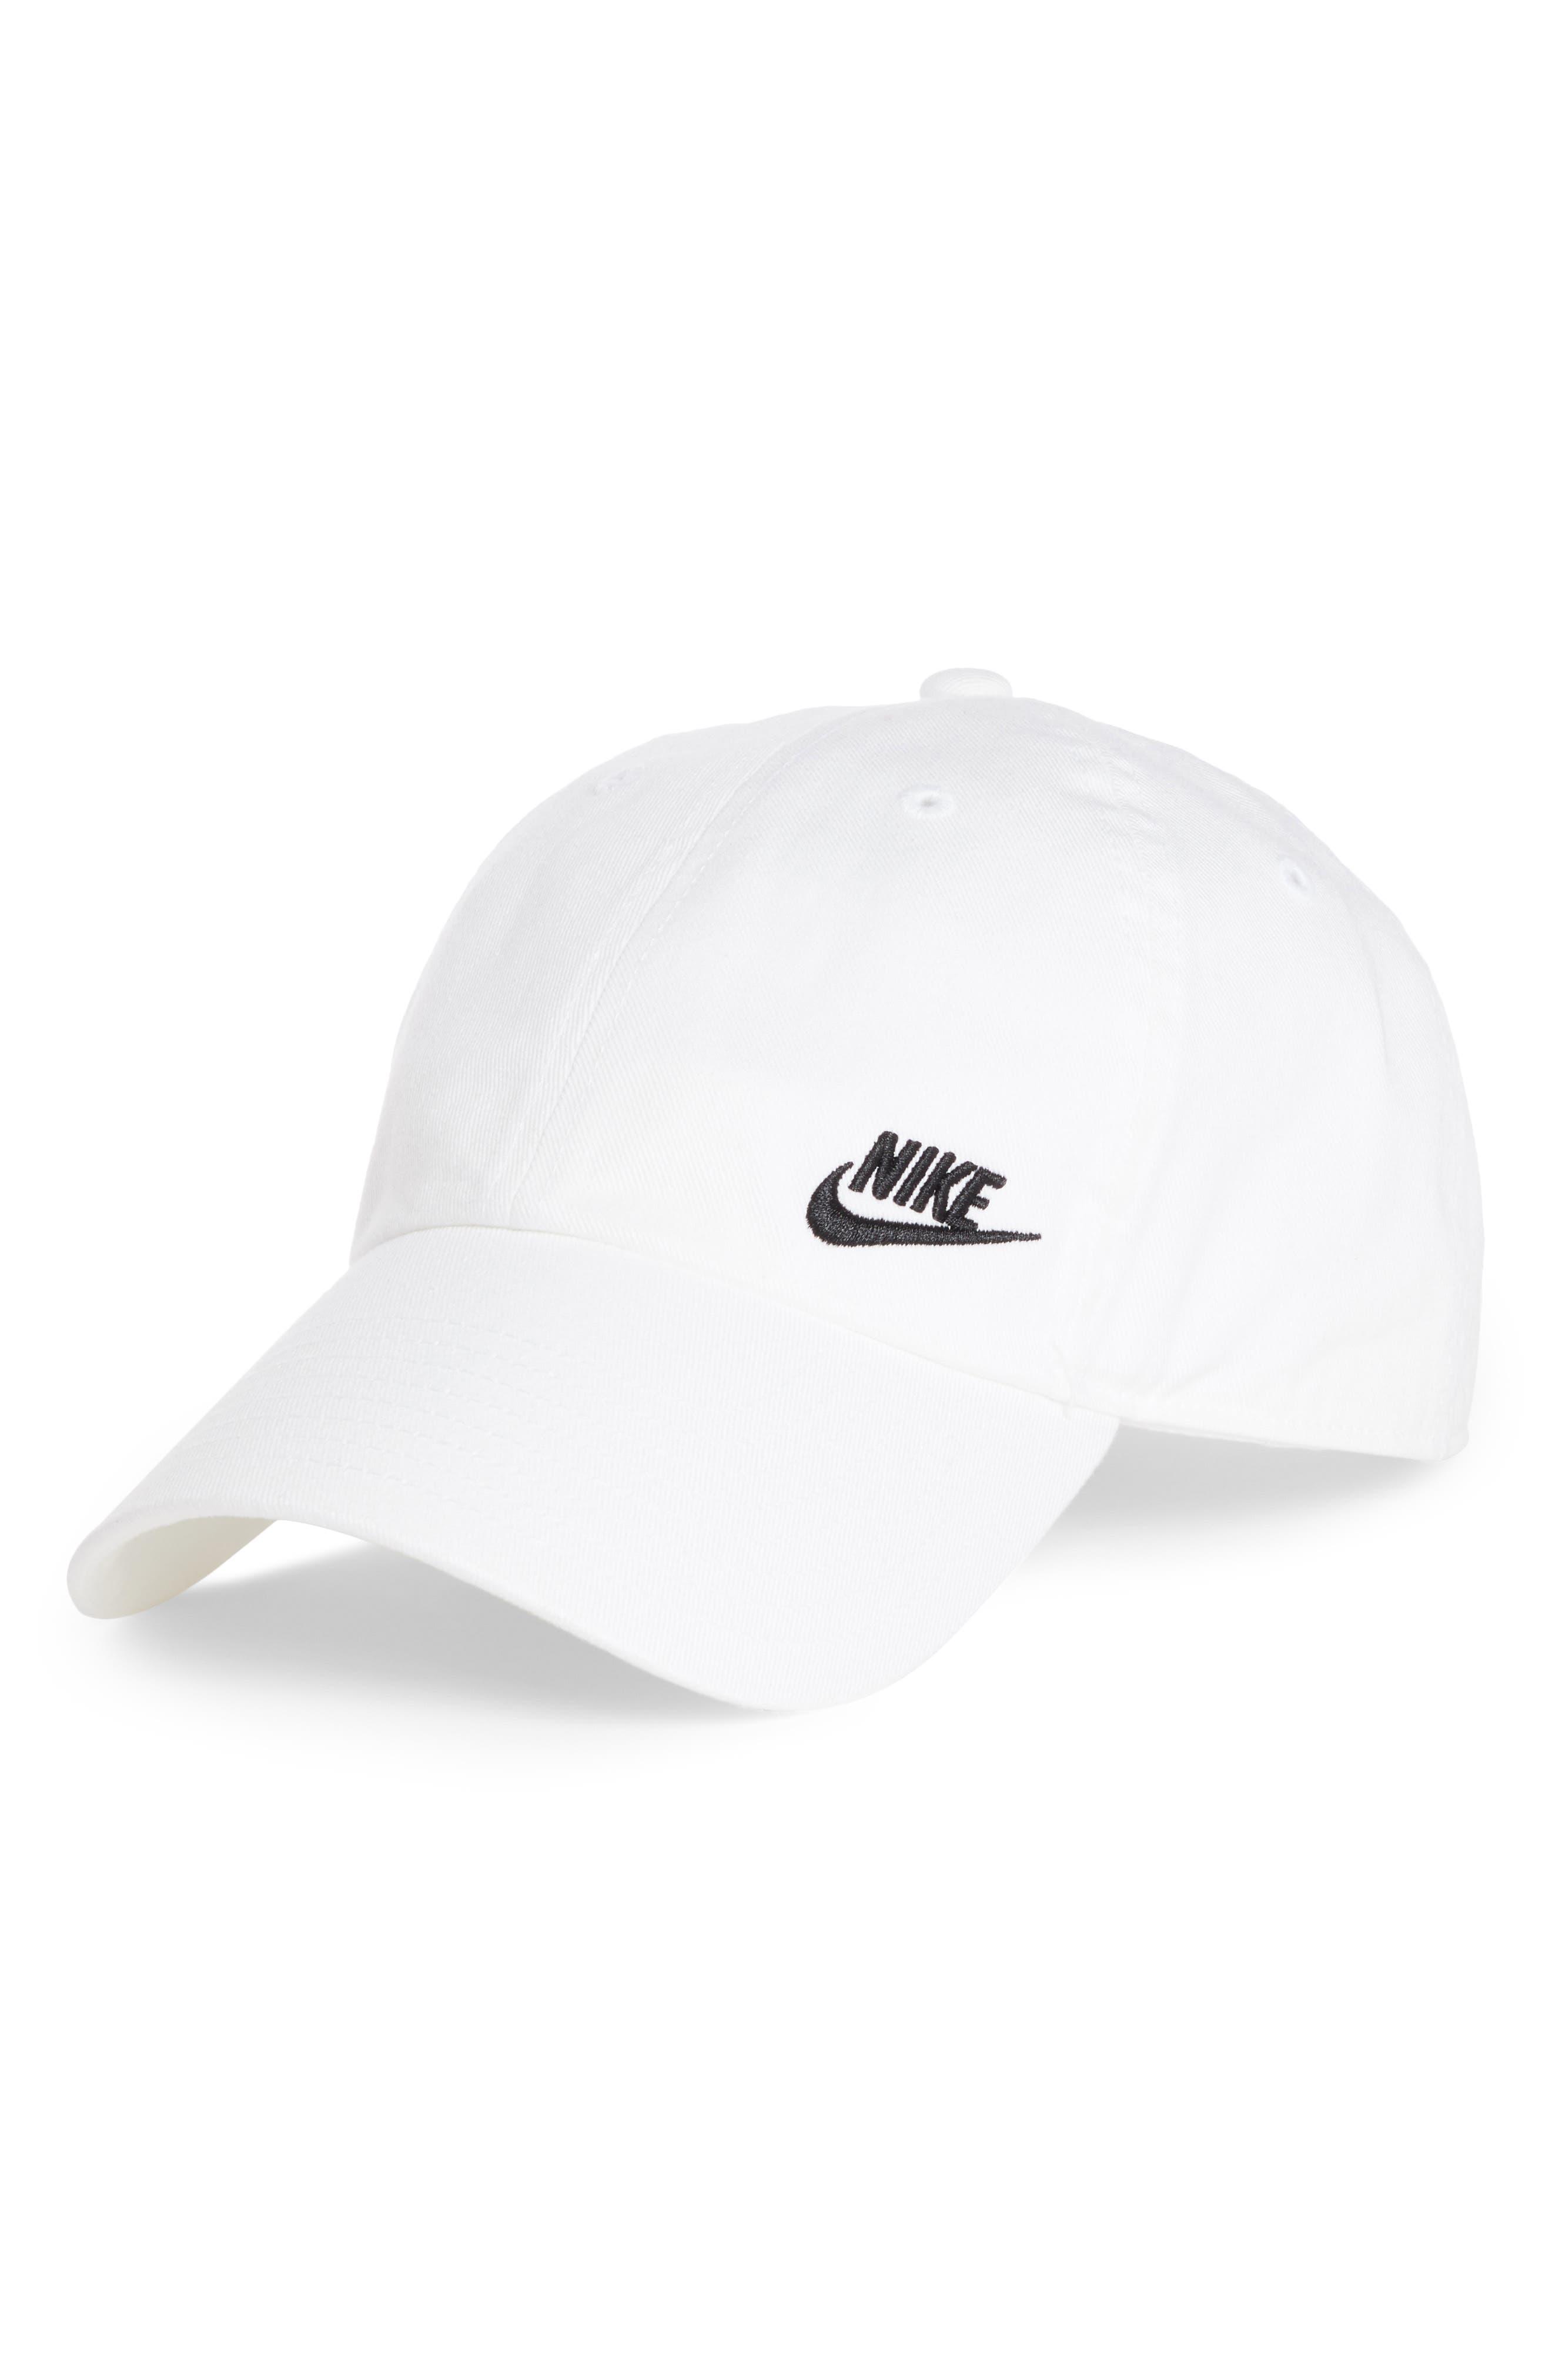 Futura Classic Cap,                         Main,                         color, WHITE/ BLACK